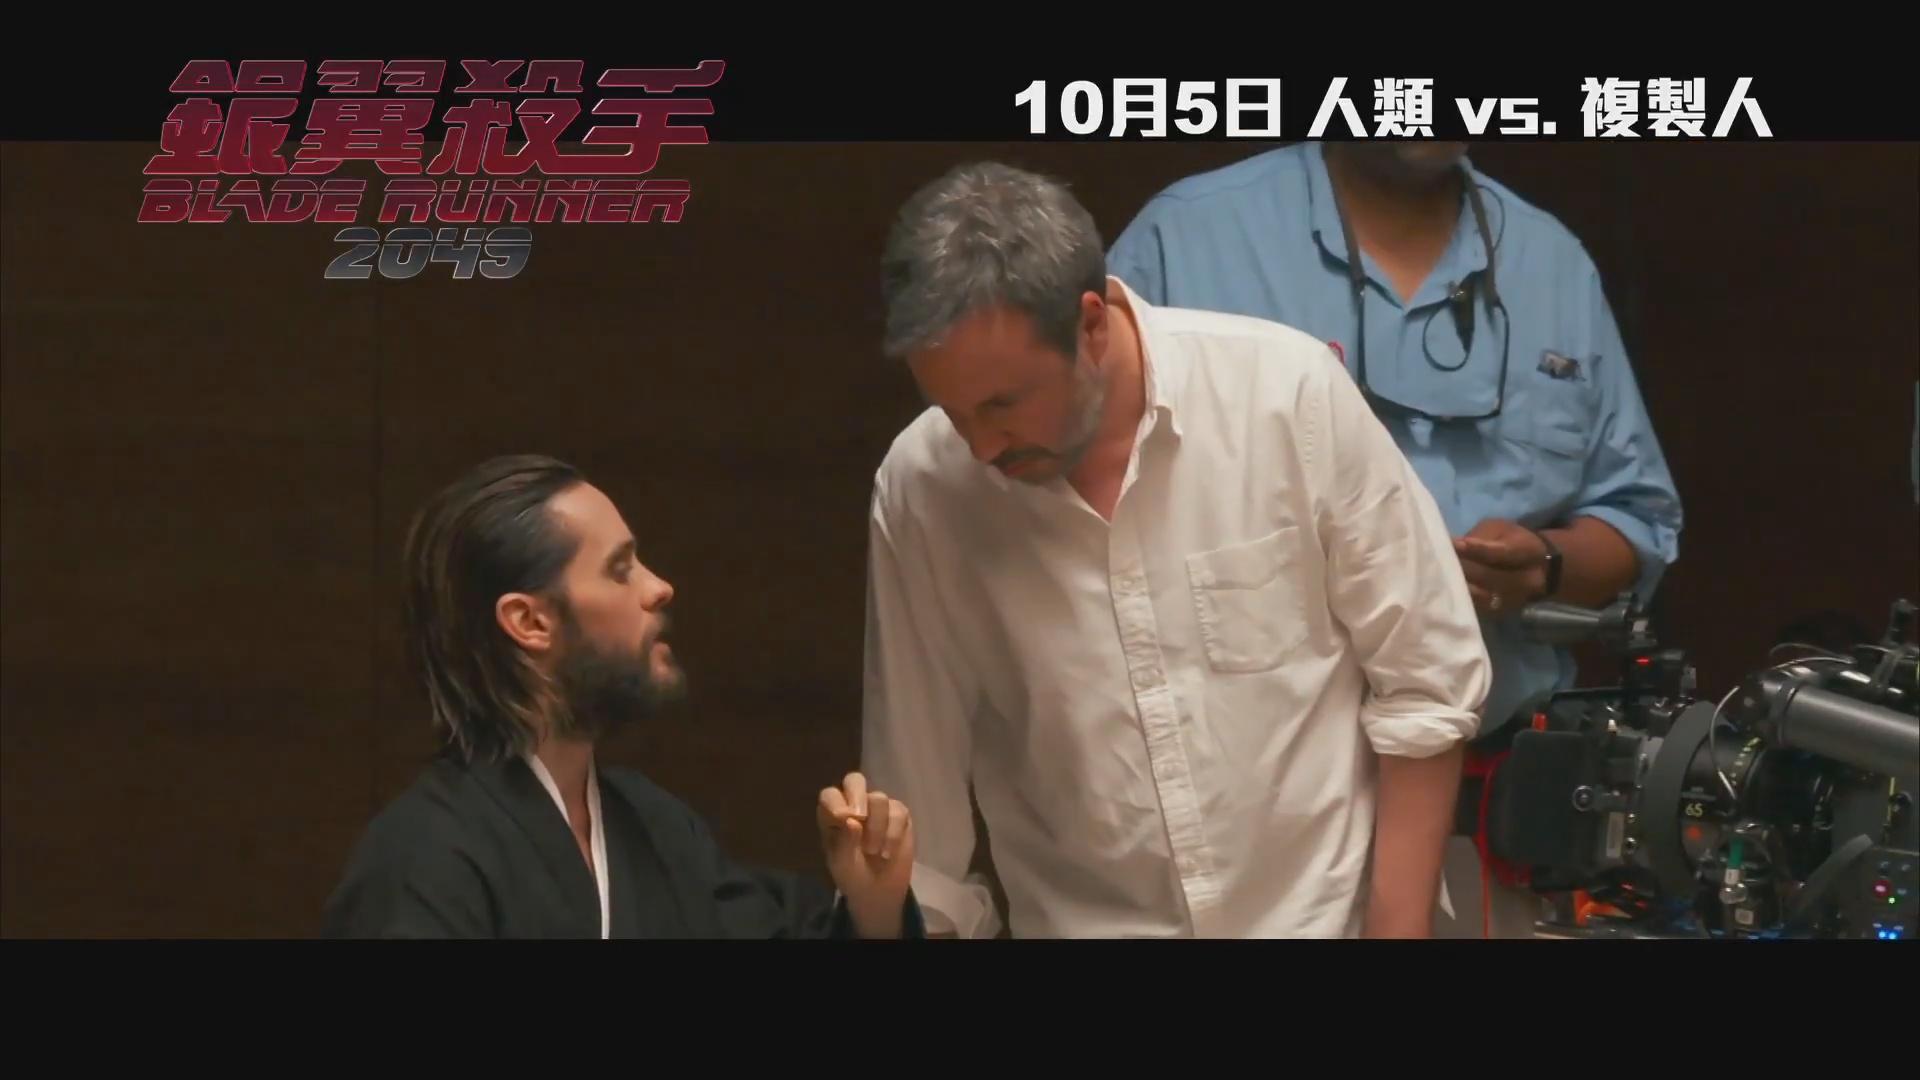 人类对决复制人《银翼杀手2049》最新电影幕后制作特辑